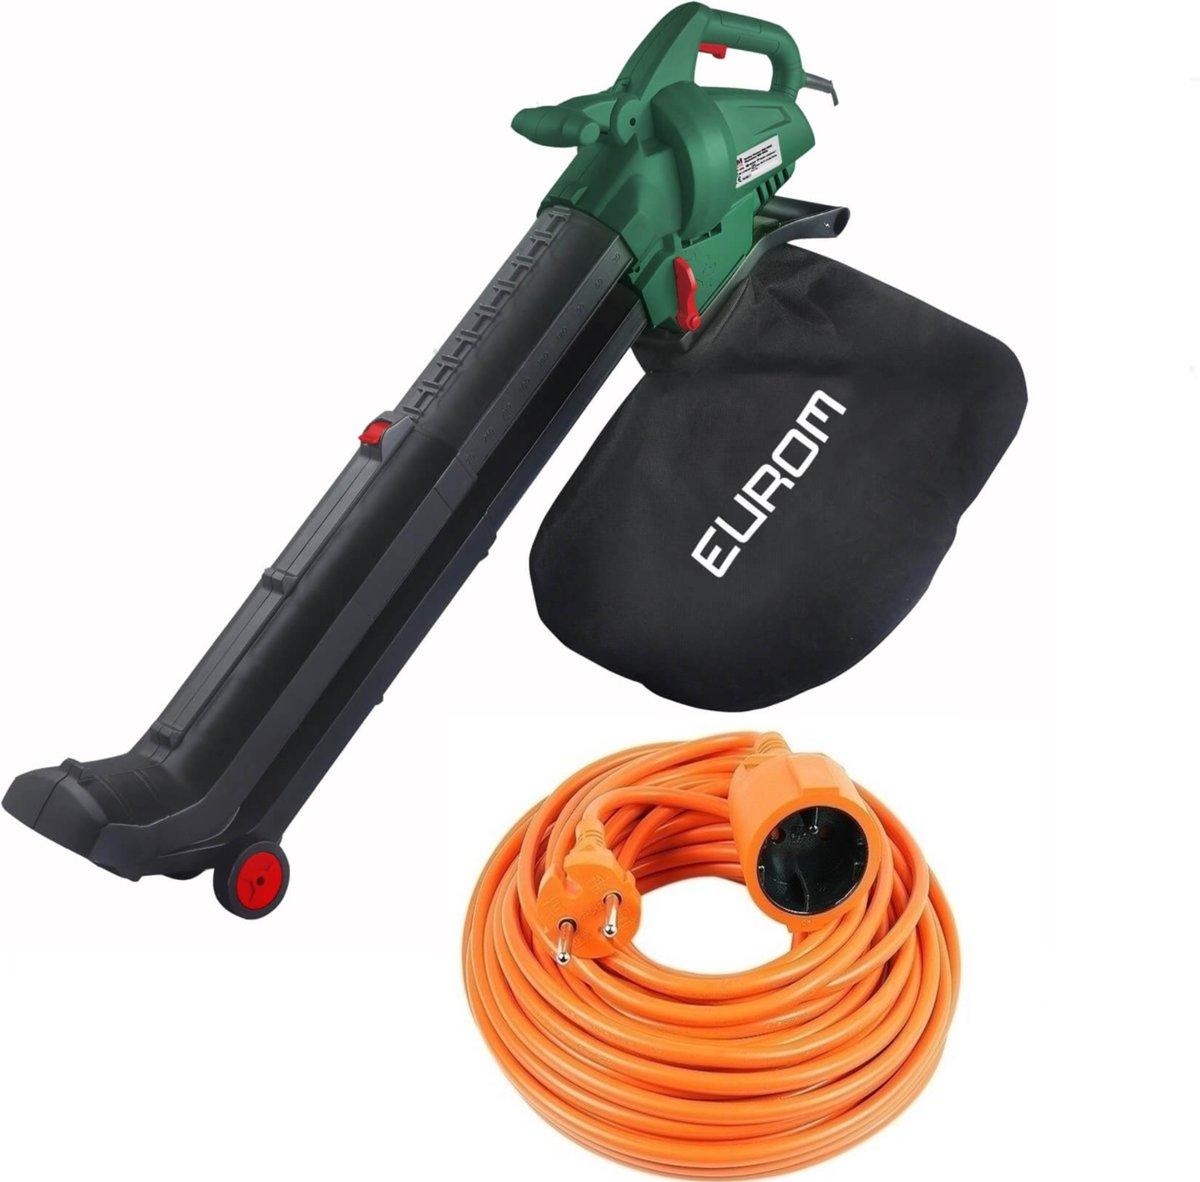 Eurom bladblazer set | Eurom EBR2800 bladblazer -met zuigfunctie - 2800 watt - opvangzak 45 l met 10 meter verlengsnoer kopen